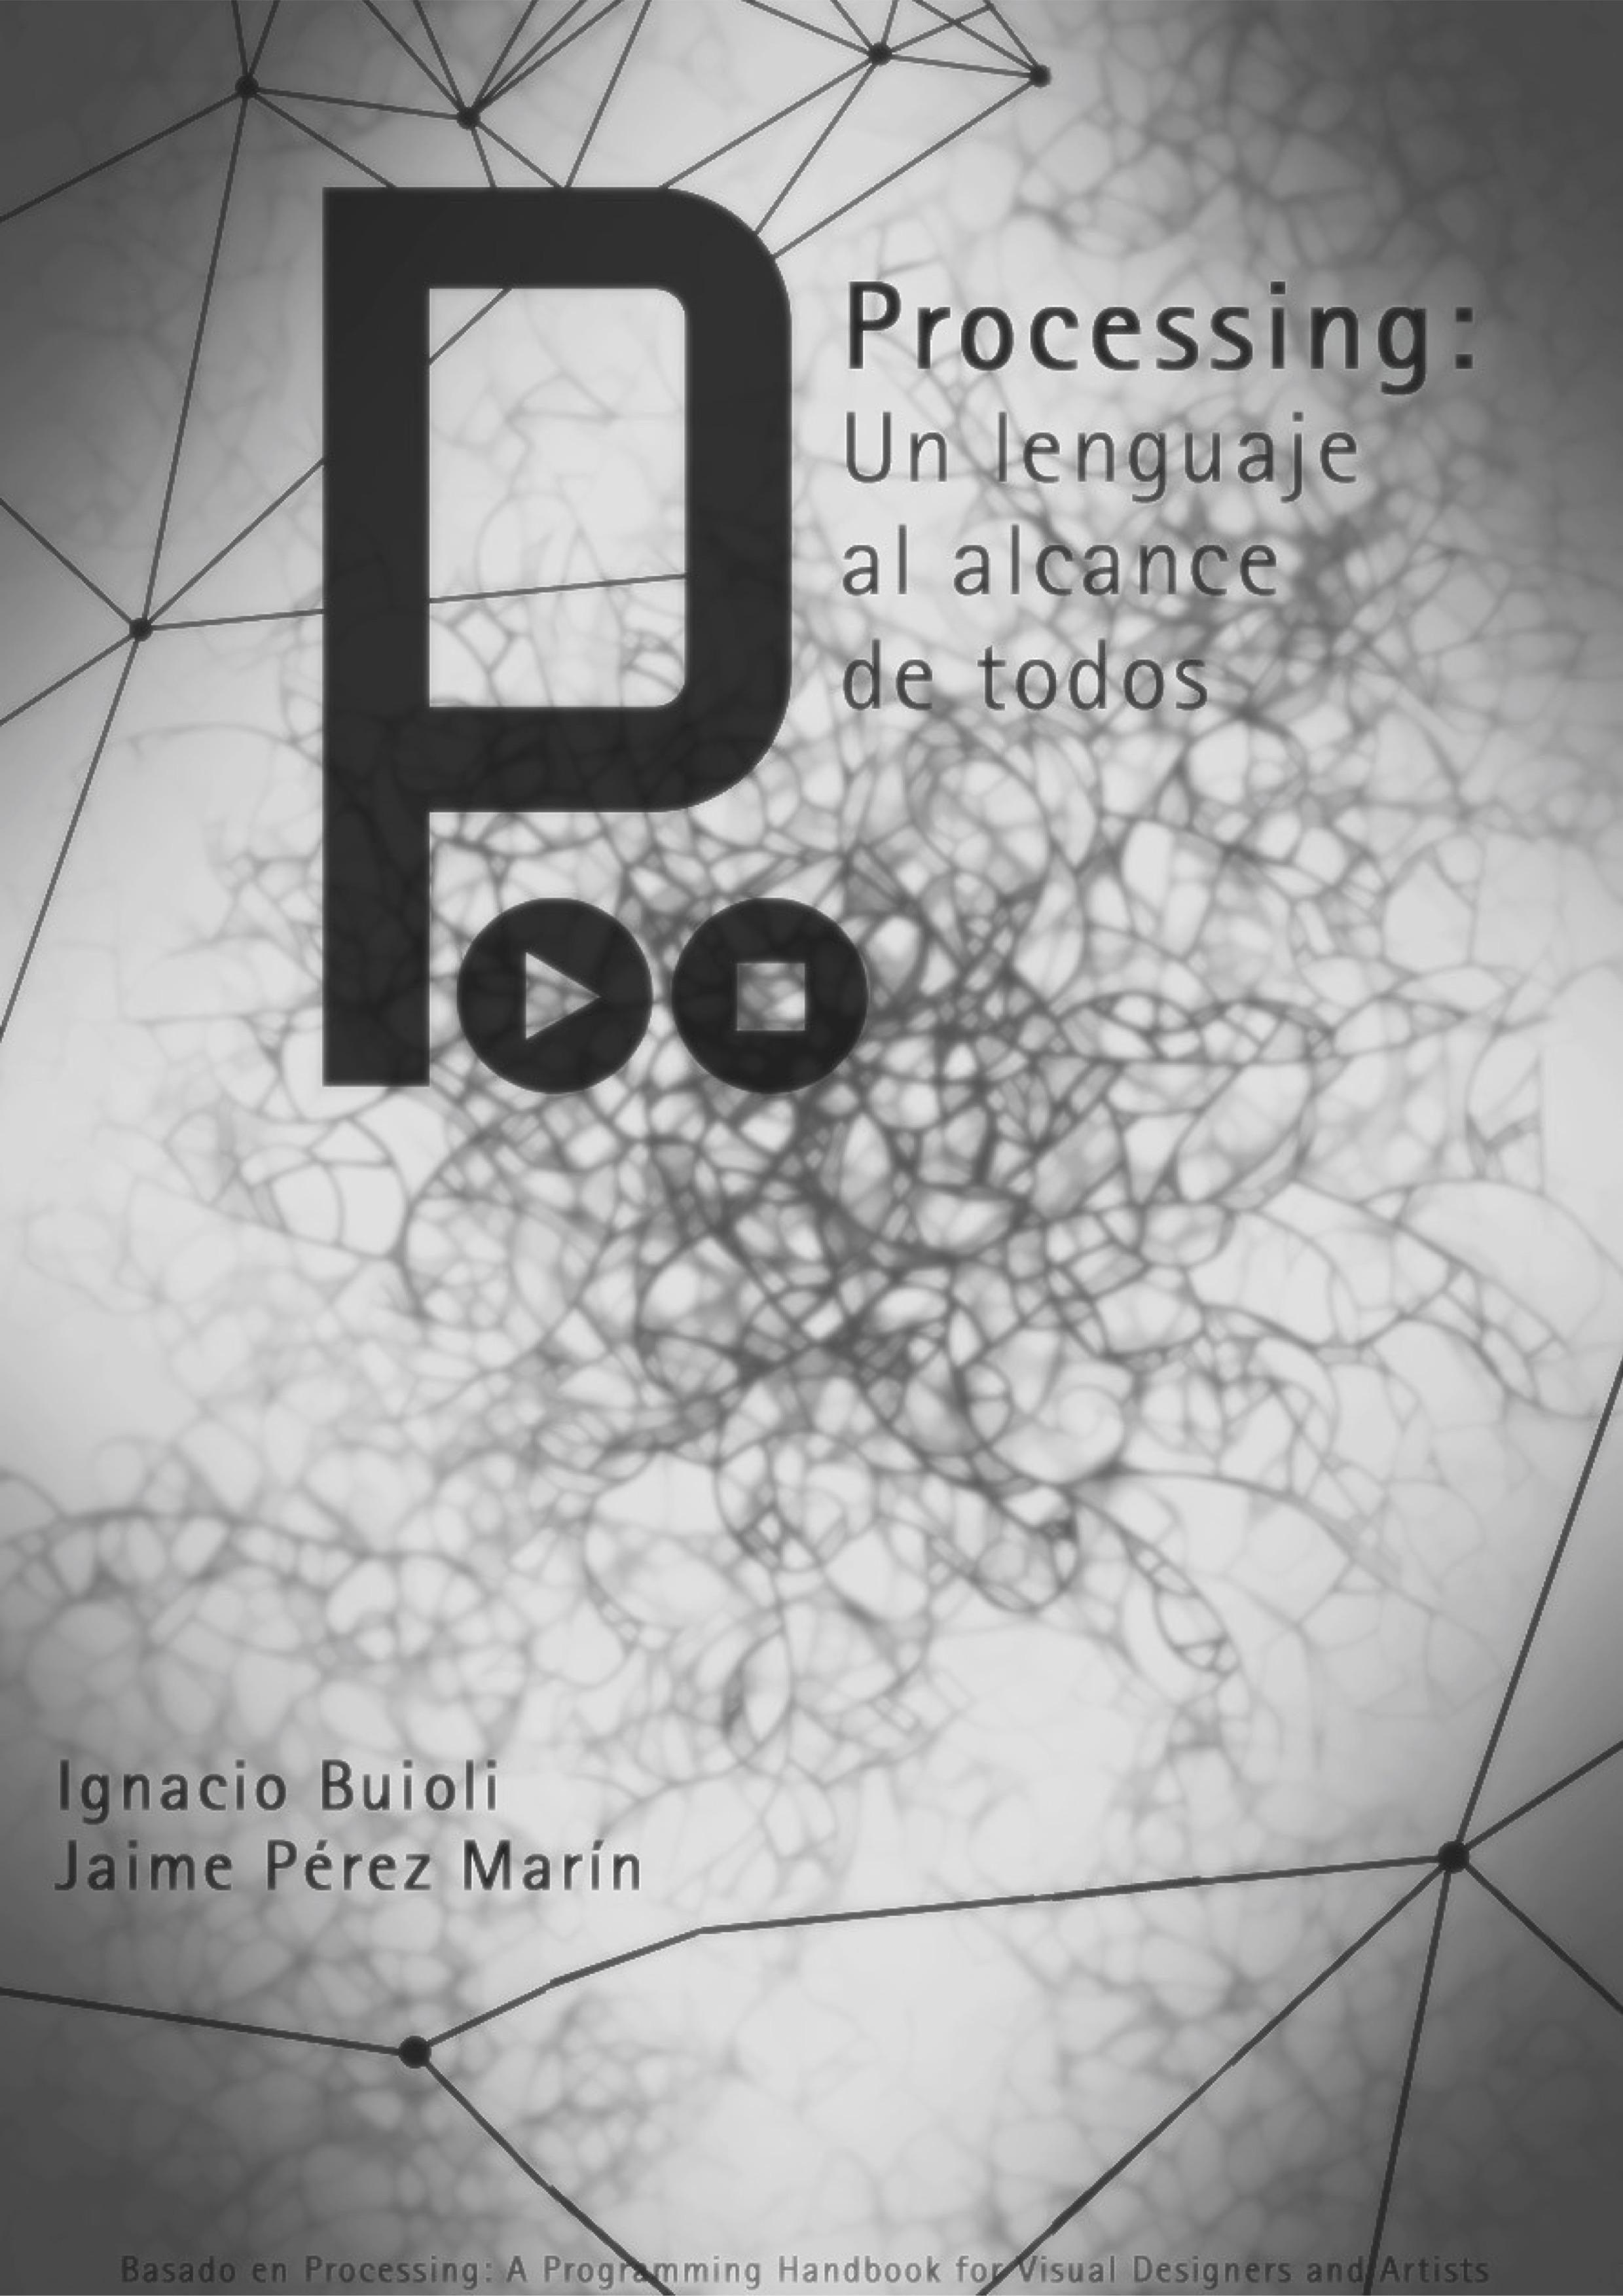 Processing: Un lenguaje al alcance de todos - (Castellano)Este libro escrito por Ignacio Buioli y Jaime Pérez Marín comenzócomo una traducción del libro